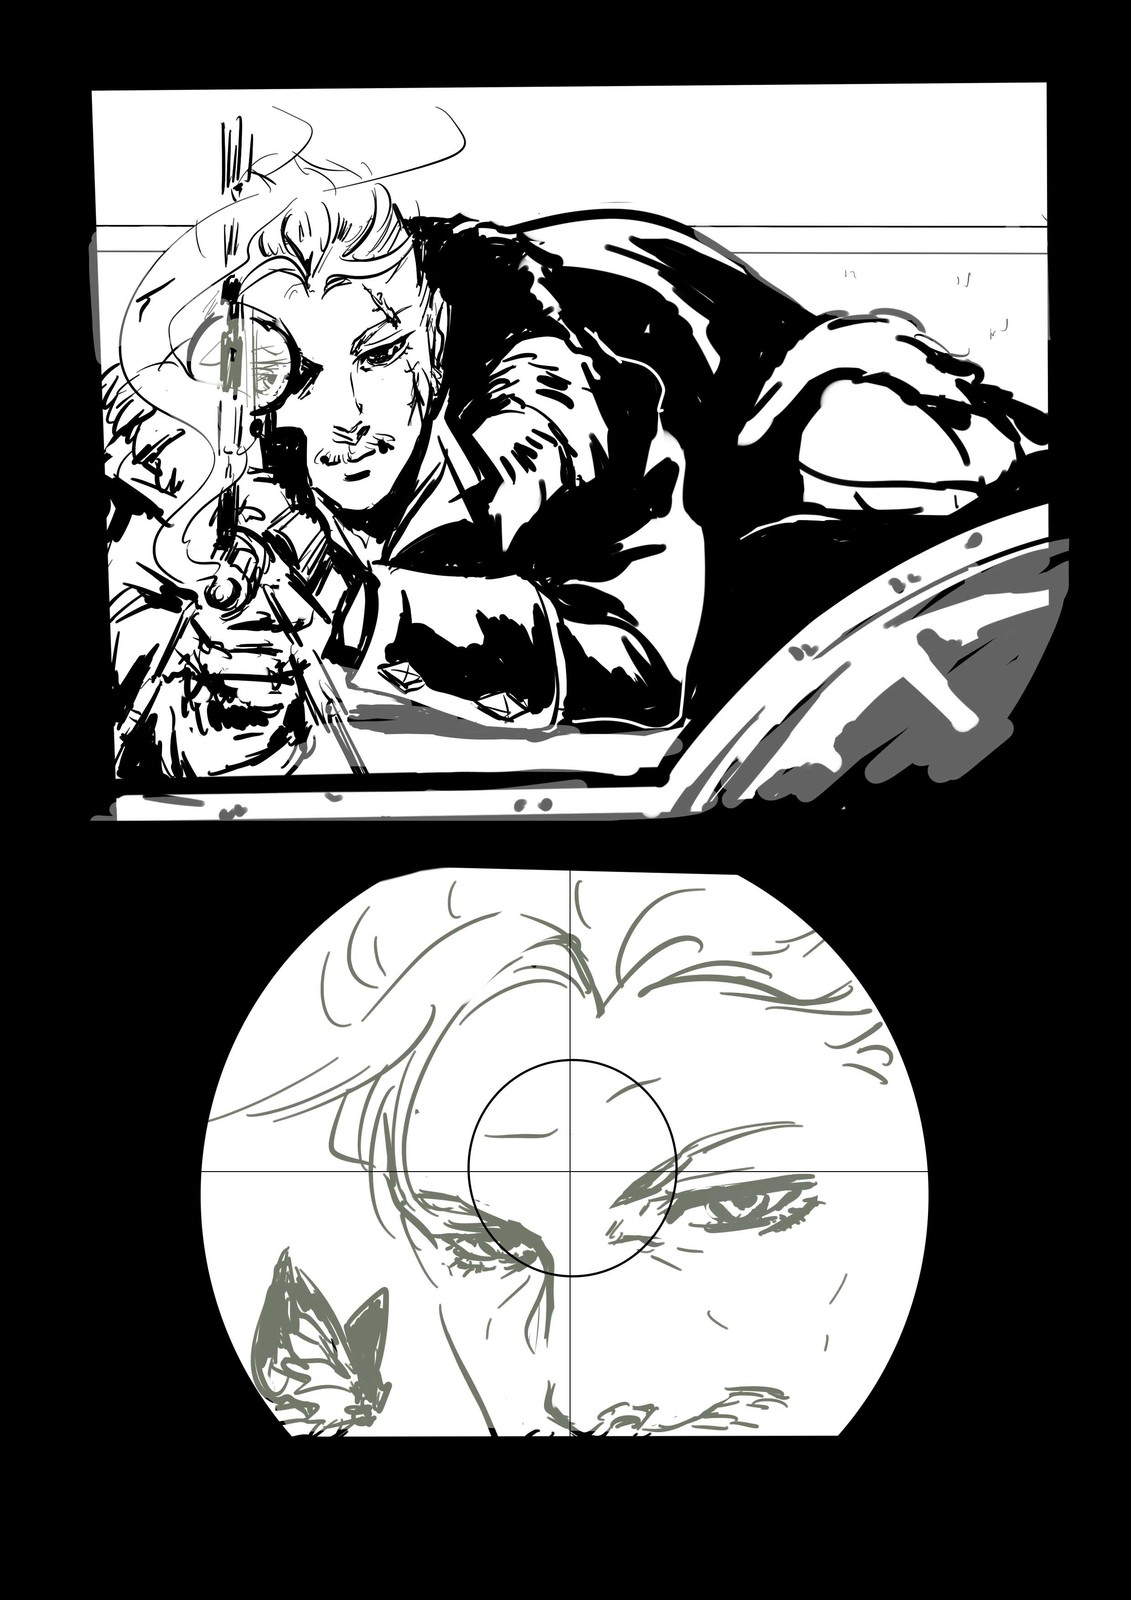 Comic (2/2)